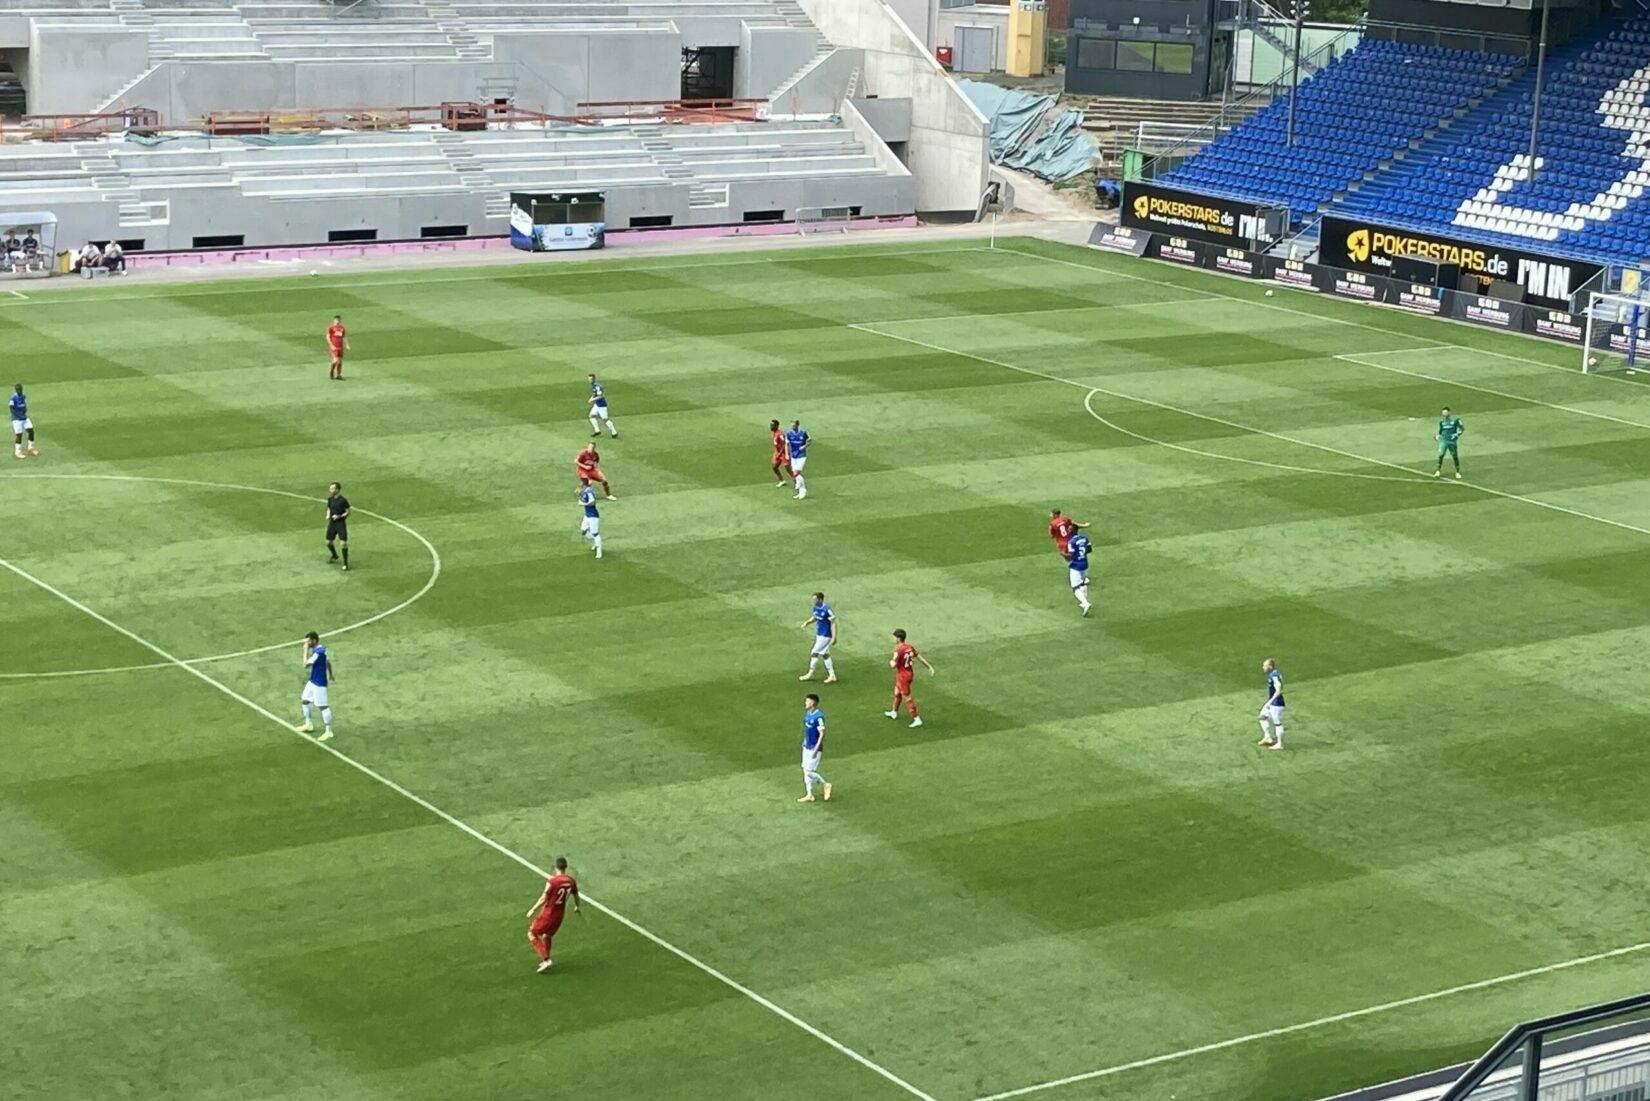 Ungefährdeter Sieg des SV Darmstadt 98 über Köln II